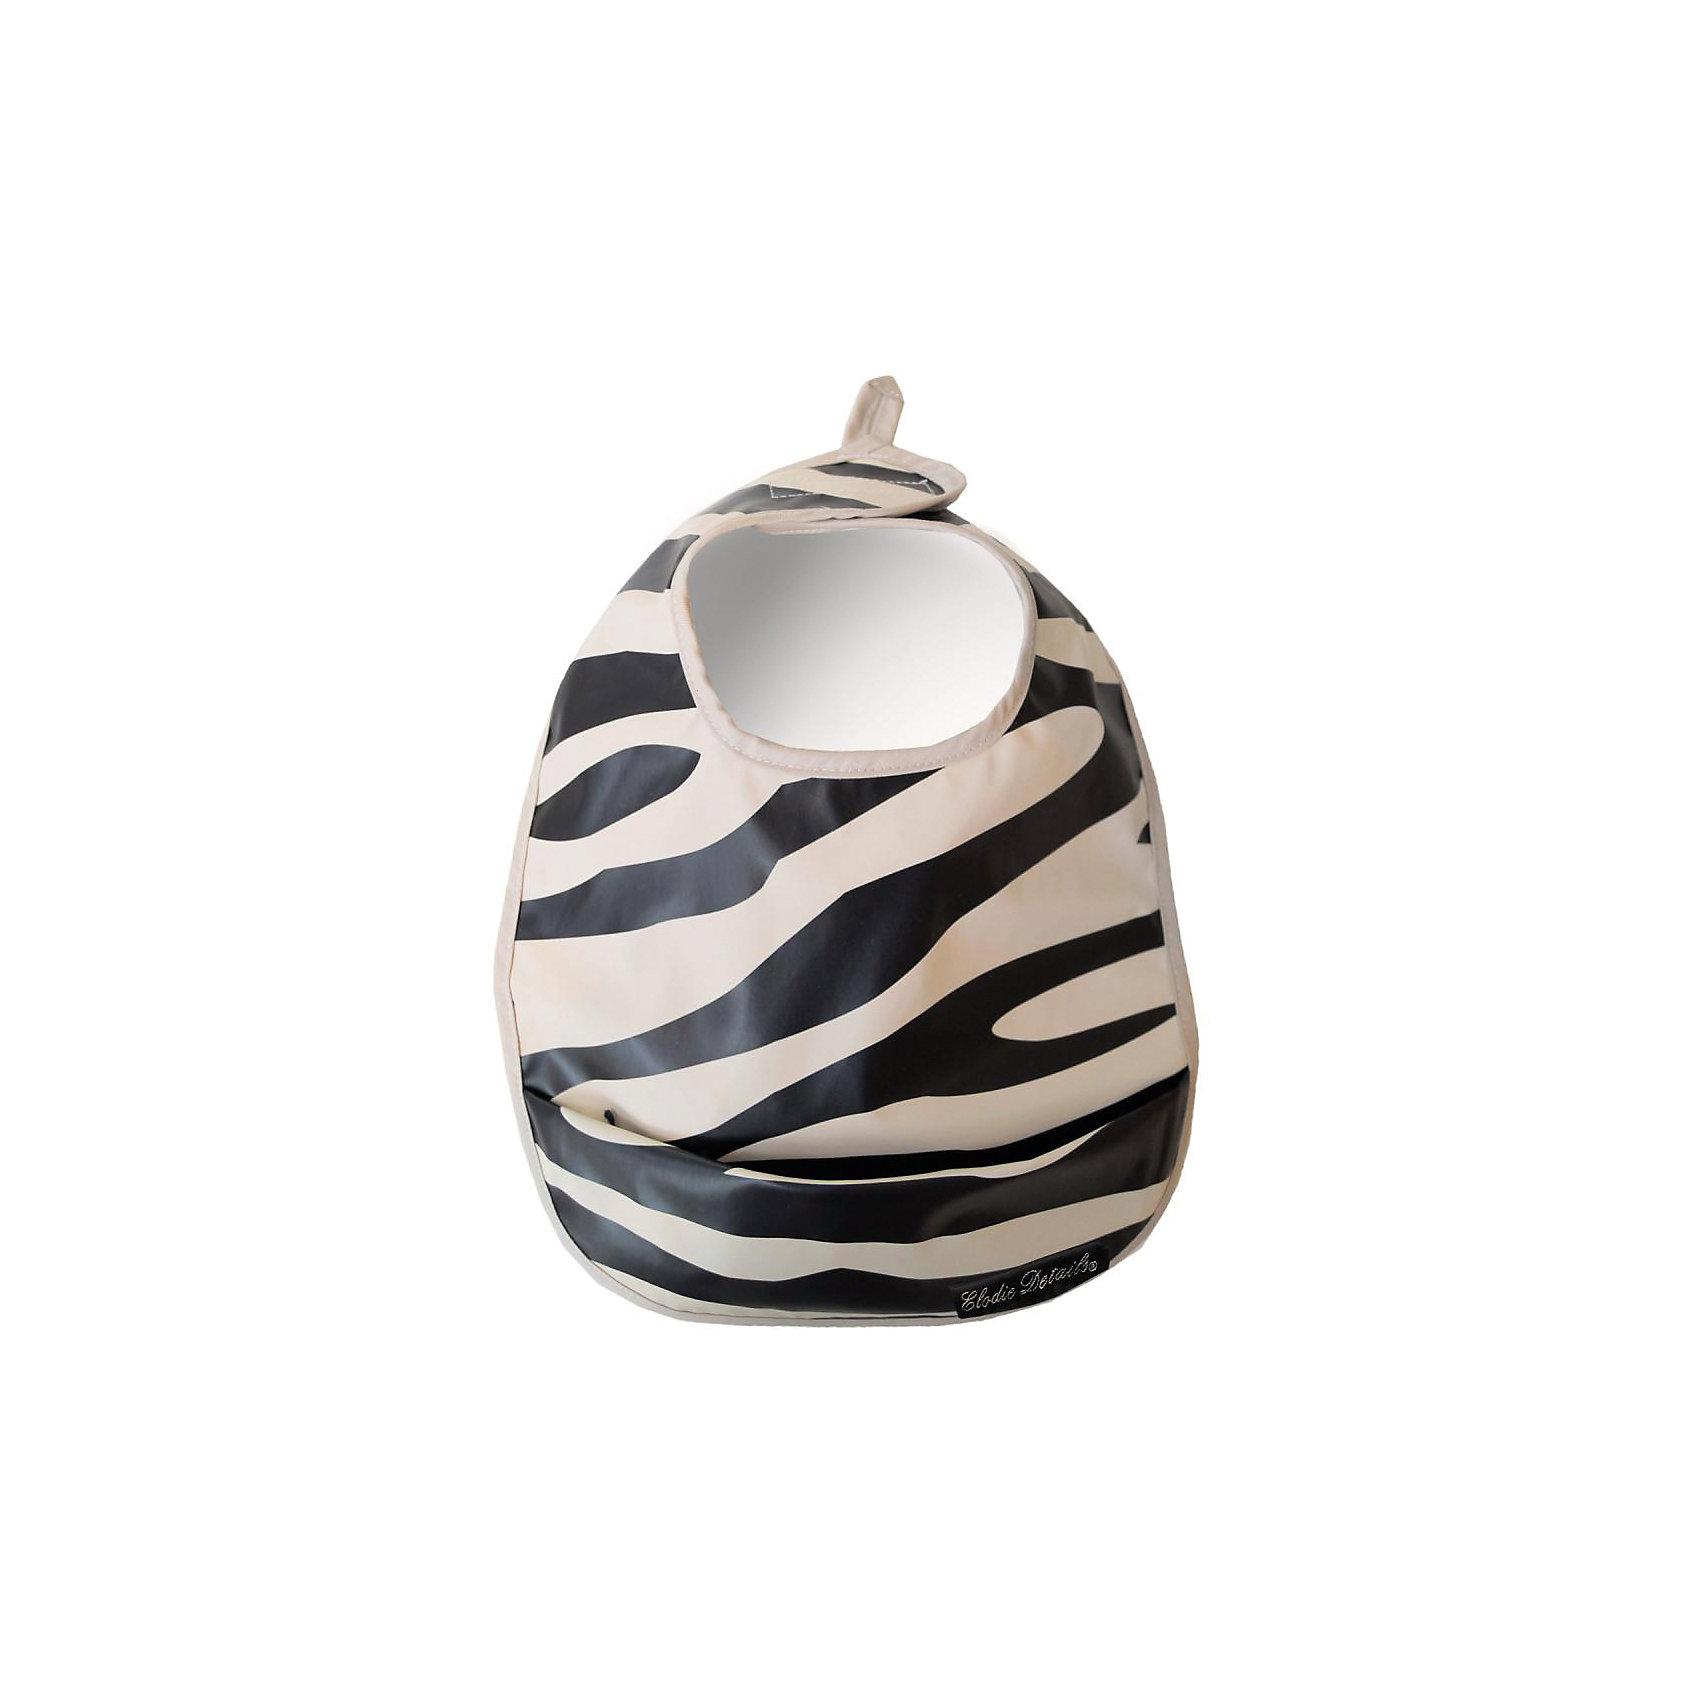 Нагрудник полиуретан Zebra Sunshine, Elodie DetailsНагрудник полиуретан Zebra Sunshine, Elodie Details (Элоди Дитейлс)<br><br>Характеристики:<br><br>• водоотталкивающий материал<br>• карман для крошек и остатков пищи<br>• надежная липучка<br>• подходит для стиральной машины<br>• удобная петелька<br>• размер: 36х26 см<br>• материал: полиуретан<br><br>Нагрудник Zebra Sunshine- незаменимый помощник для мамы во время кормления малыша. Нагрудник впитает всю влагу, чтобы малыш оставался сухим во время еды. Если кроха уронит кусочки пищи или прольет жидкость - нижний кармашек удержит их, не позволяя испачкать одежду. Нагрудник застегивается на надежную липучку. Изделие легко очистить и можно постирать в машинке при сильных загрязнениях. Необычный дизайн в виде зебры привлечет внимание детей и взрослых. С таким нагрудником ваш ребенок всегда будет сытым и чистым!<br><br>Нагрудник полиуретан Zebra Sunshine, Elodie Details (Элоди Дитейлс) можно купить в нашем интернет-магазине.<br><br>Ширина мм: 350<br>Глубина мм: 300<br>Высота мм: 13<br>Вес г: 90<br>Возраст от месяцев: 0<br>Возраст до месяцев: 36<br>Пол: Унисекс<br>Возраст: Детский<br>SKU: 4966086